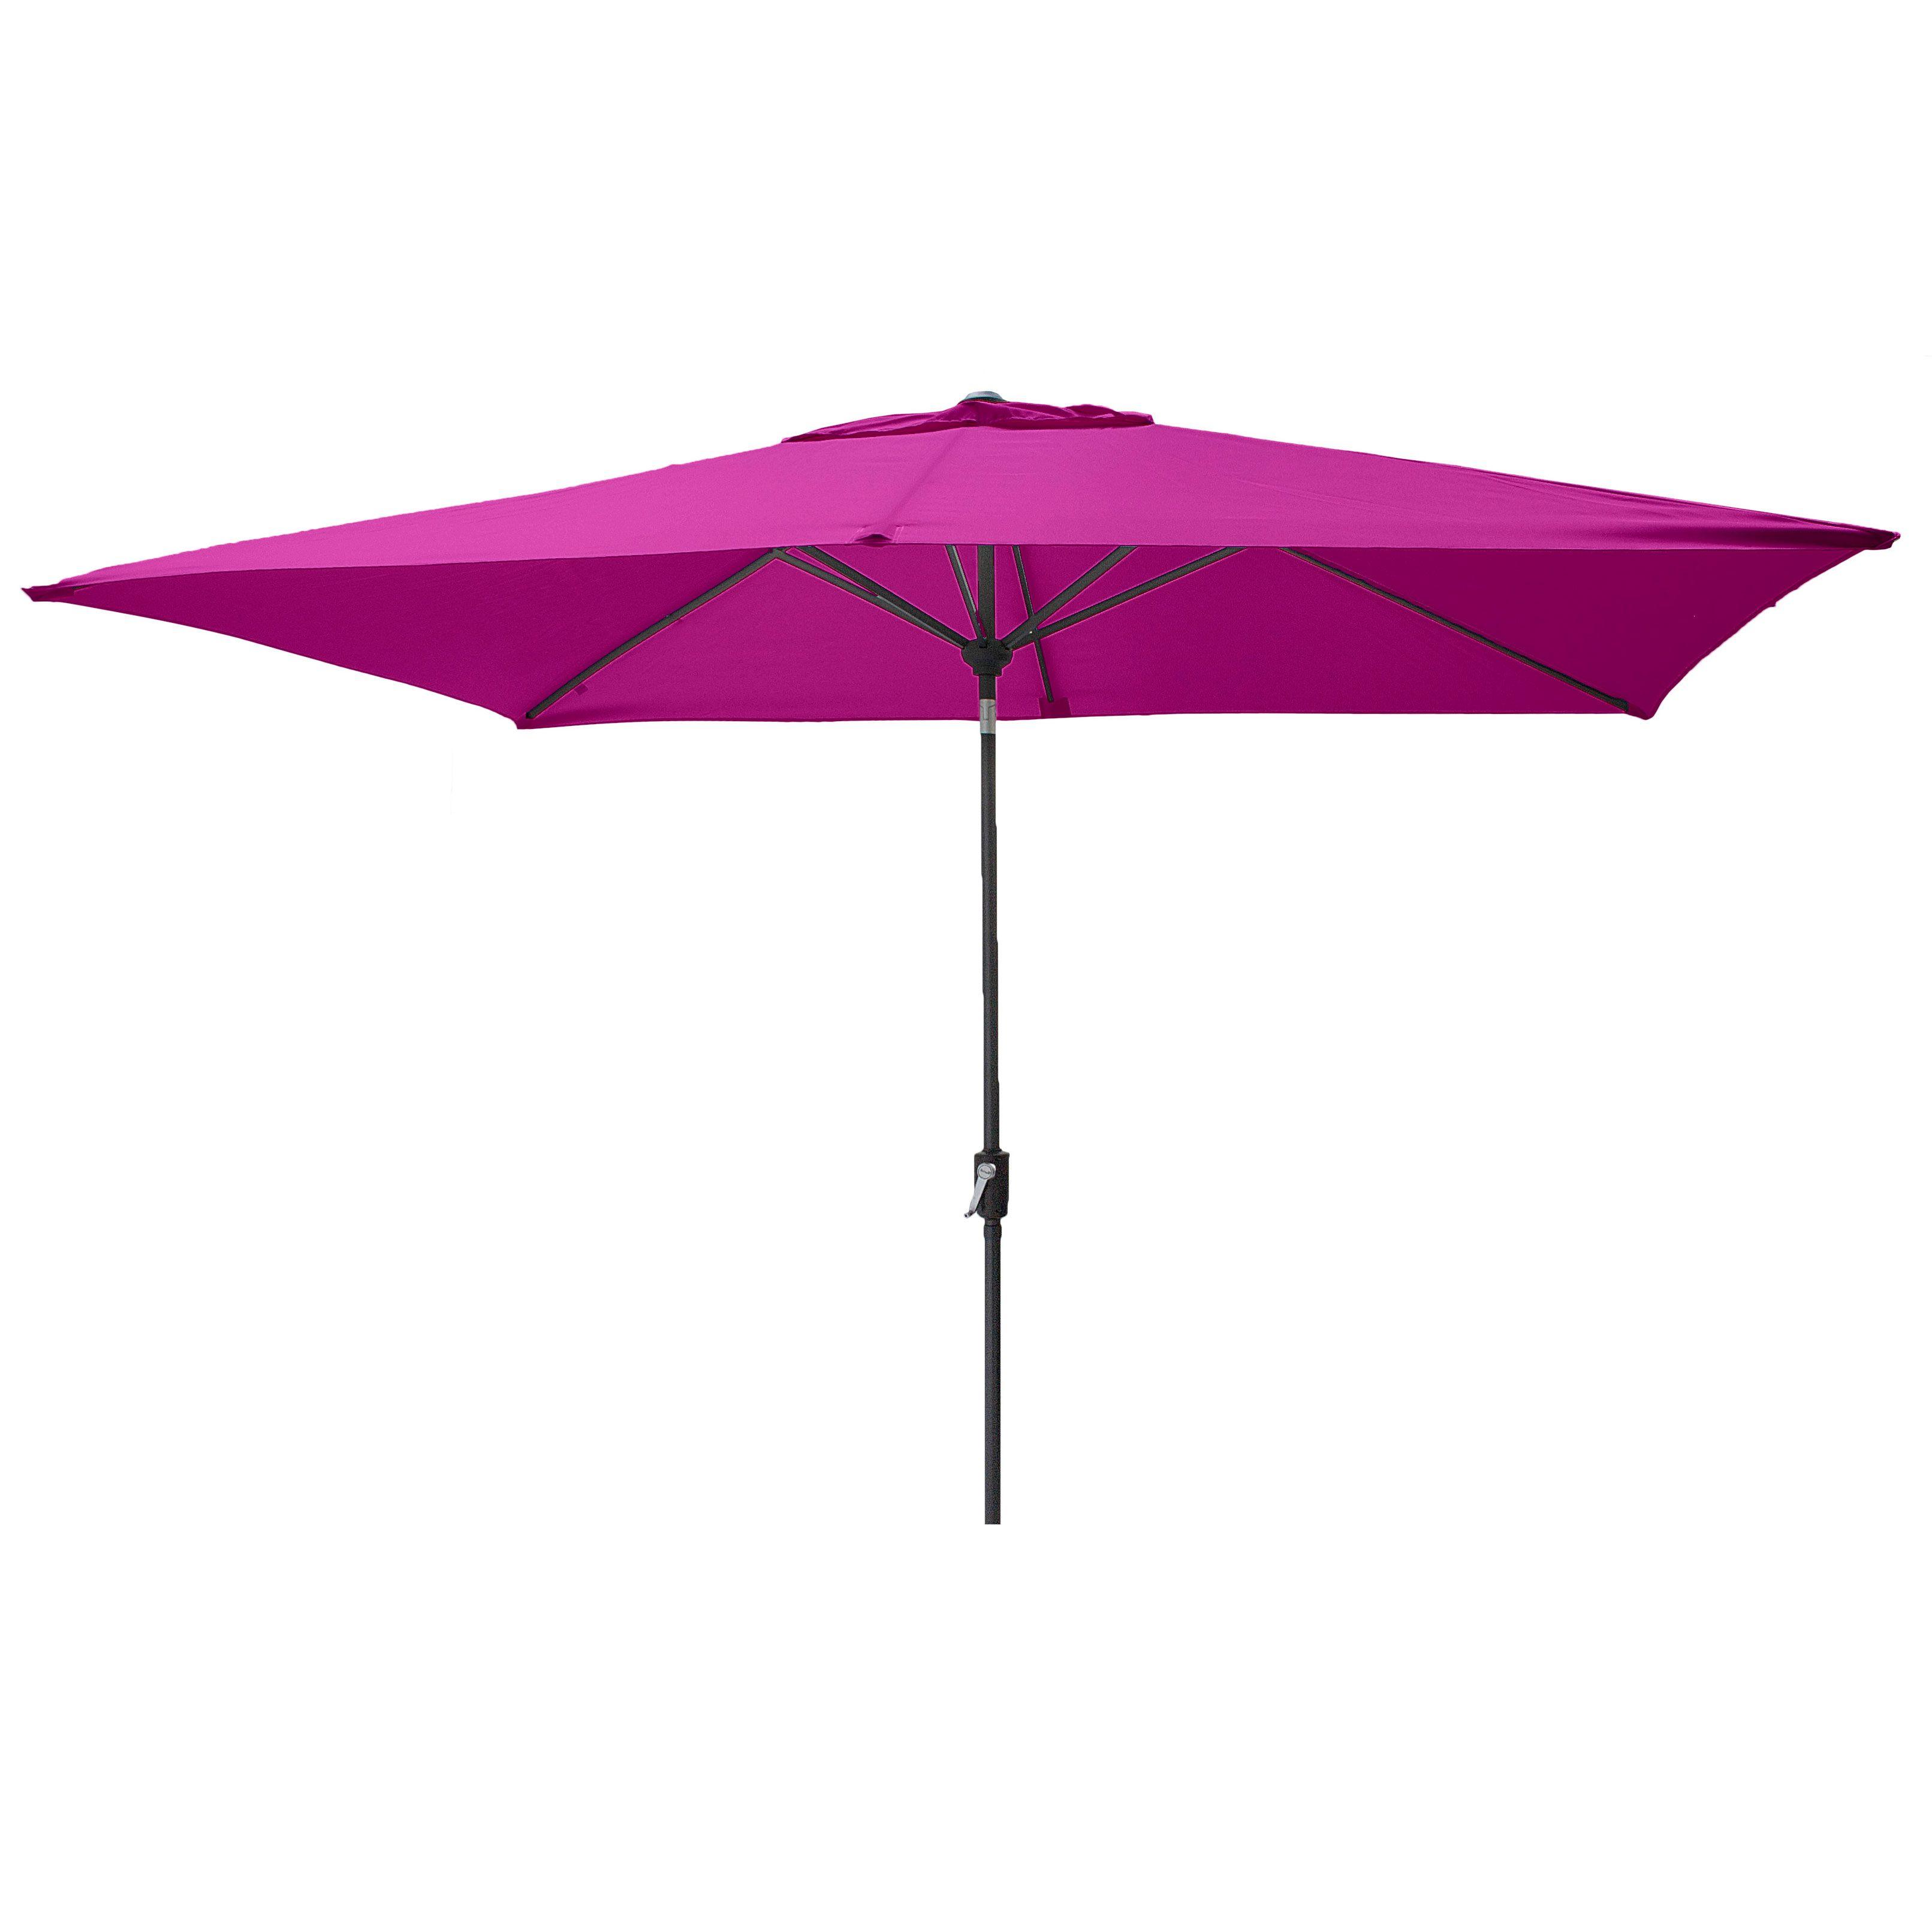 Hartman Solar Line parasol 300x200 nieuw roze kopen